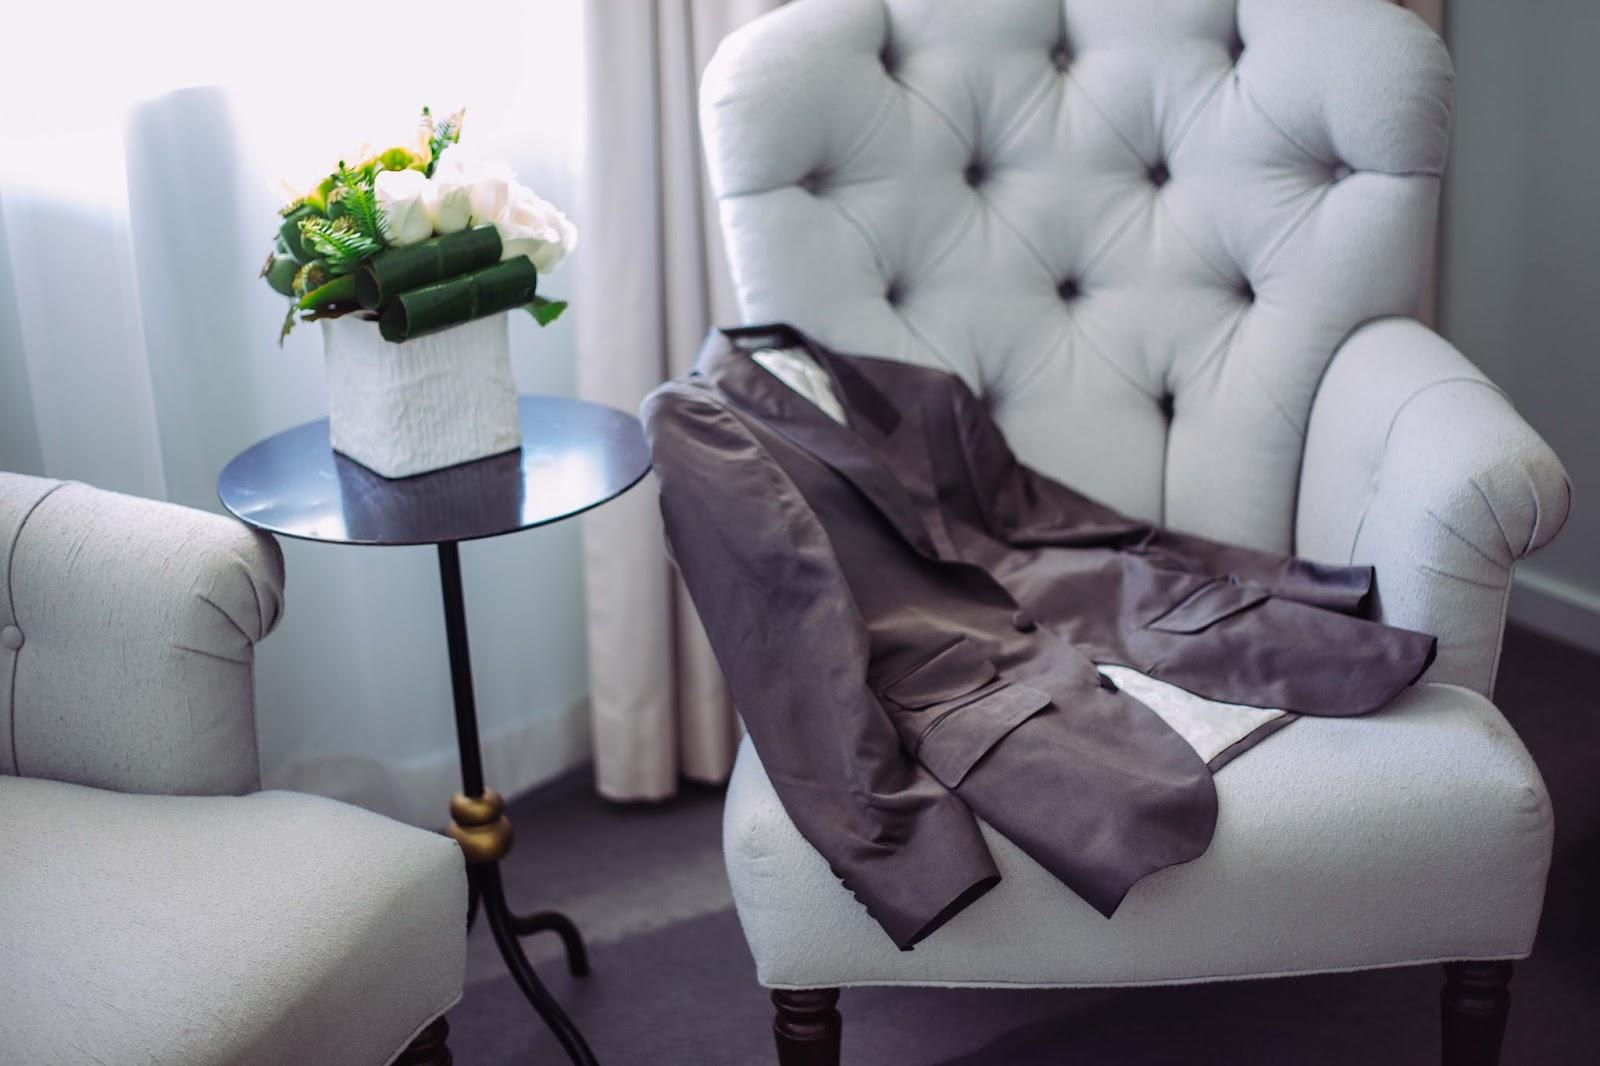 mybelonging-luxehotels-rodeodrive-dayinthelife-43.jpg